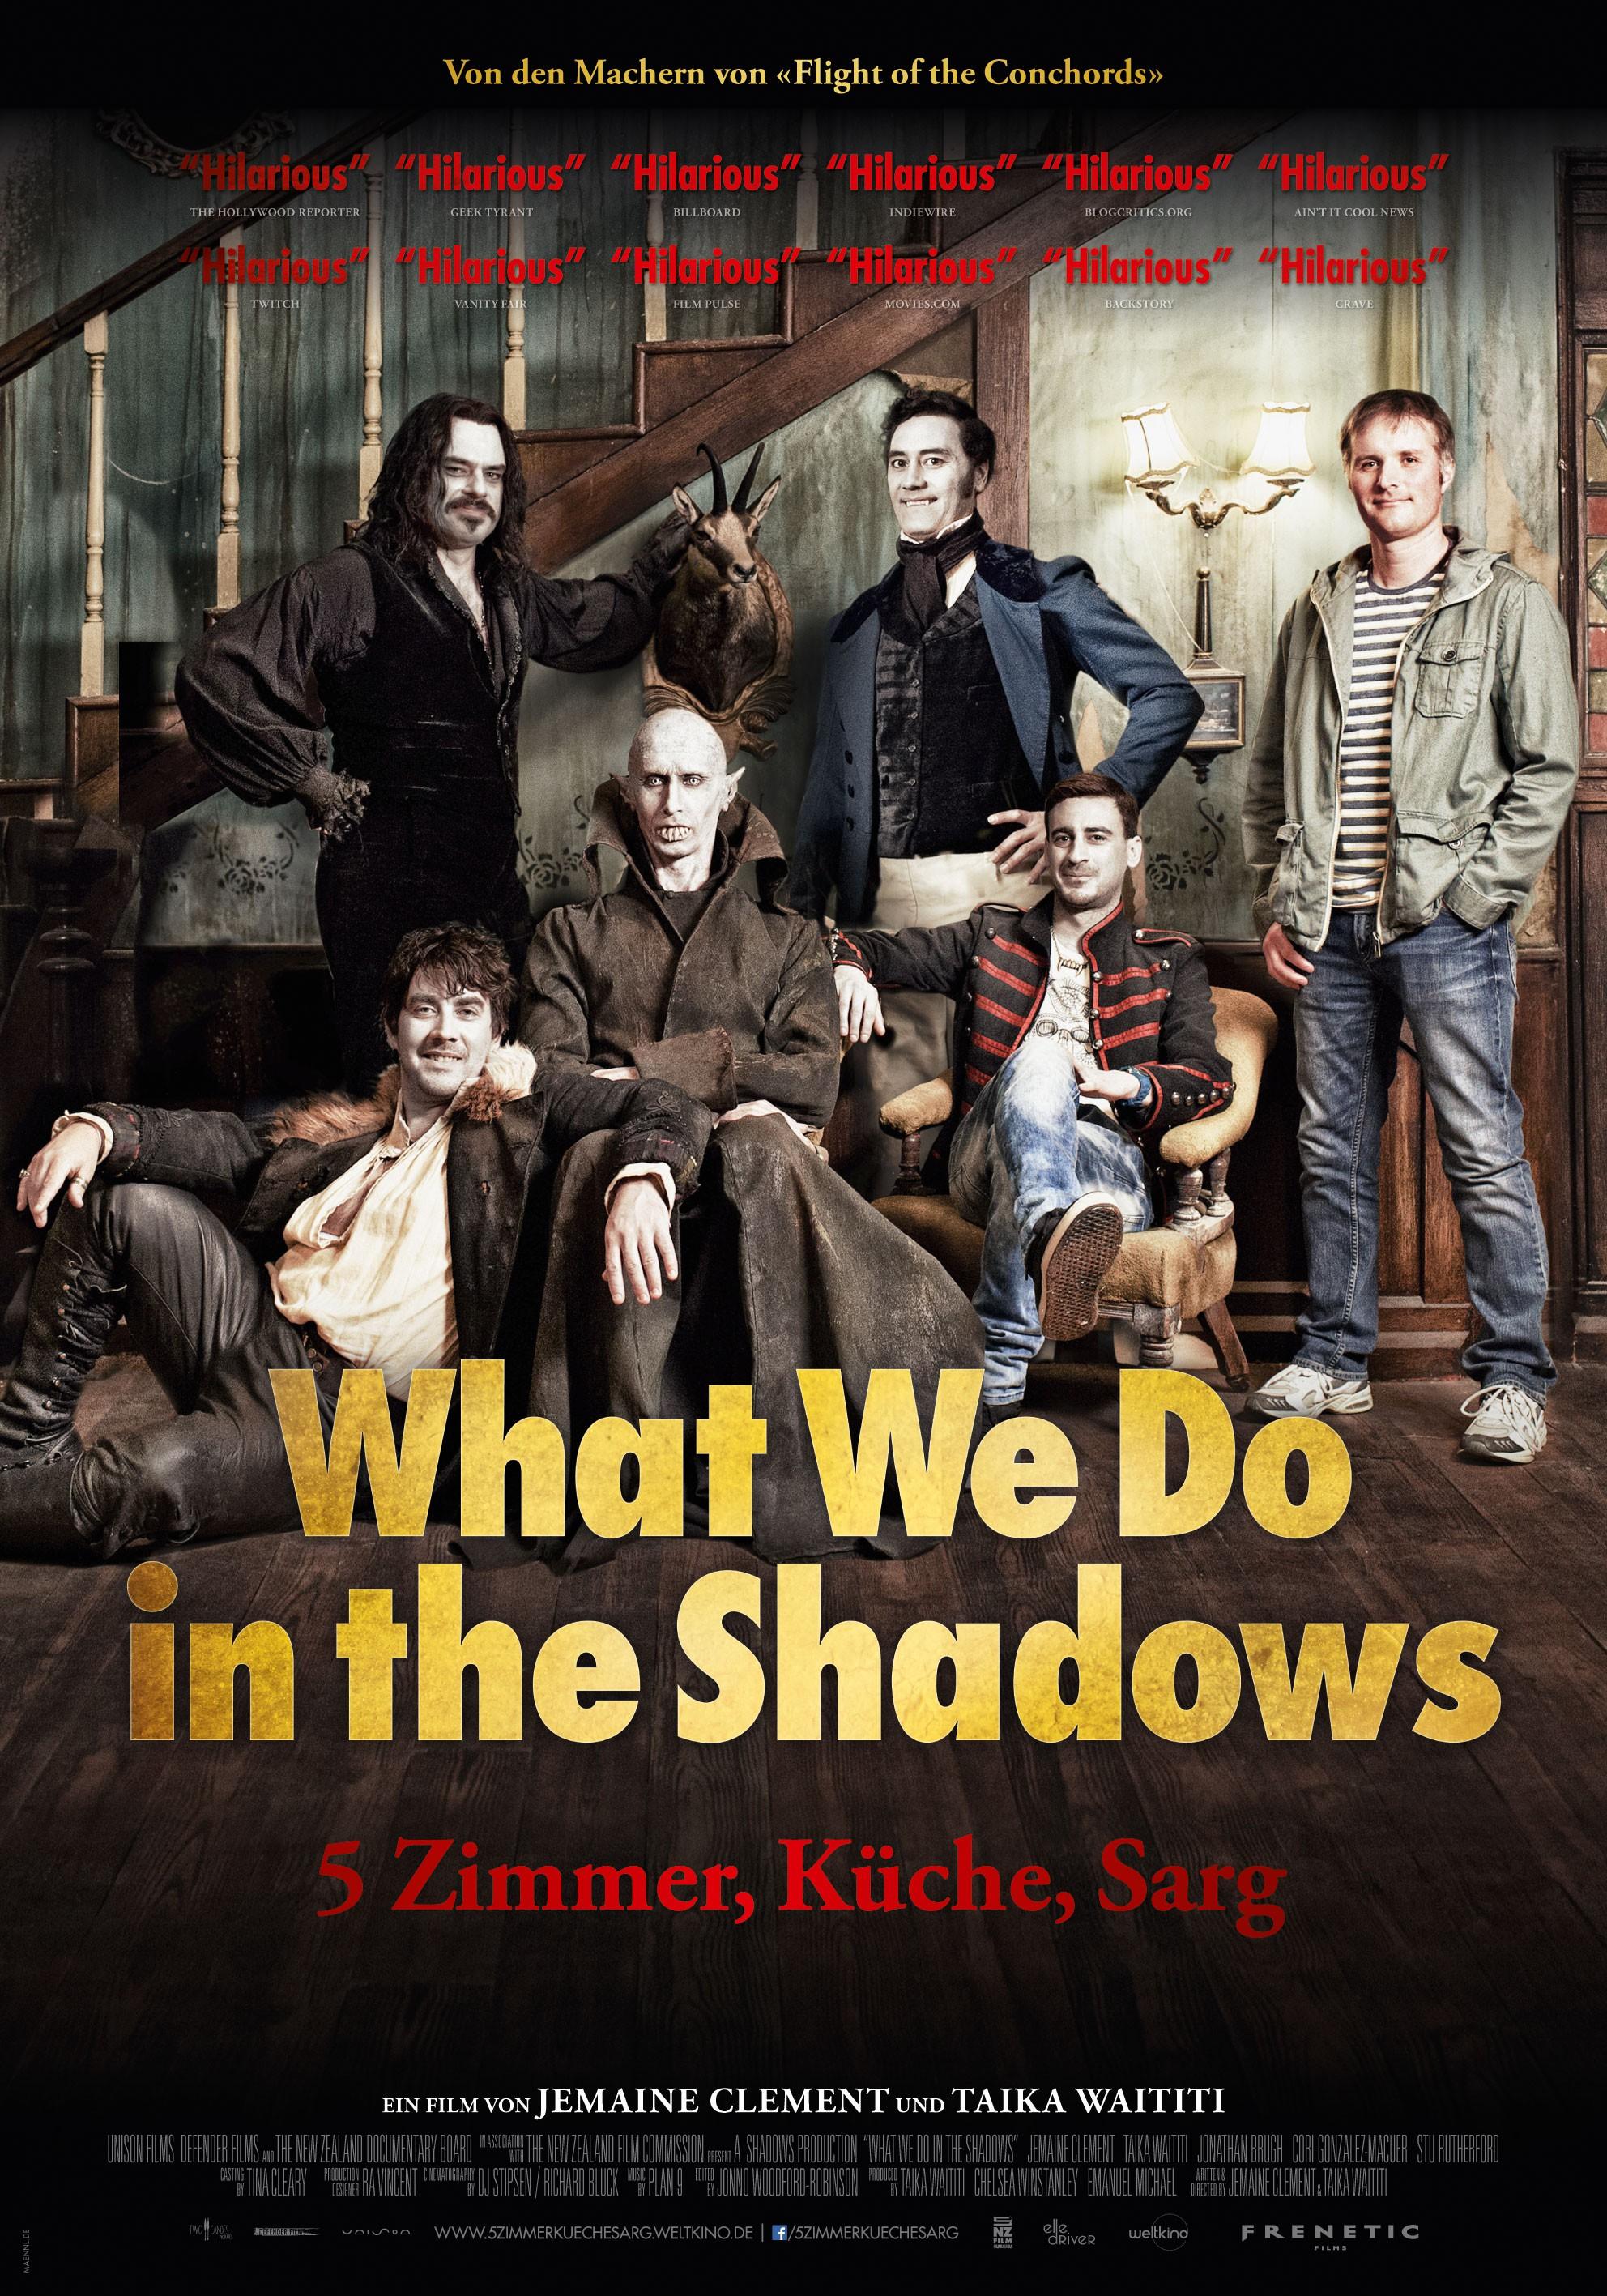 Offizielle Bilder (artw/1) - What We Do in the Shadows ...